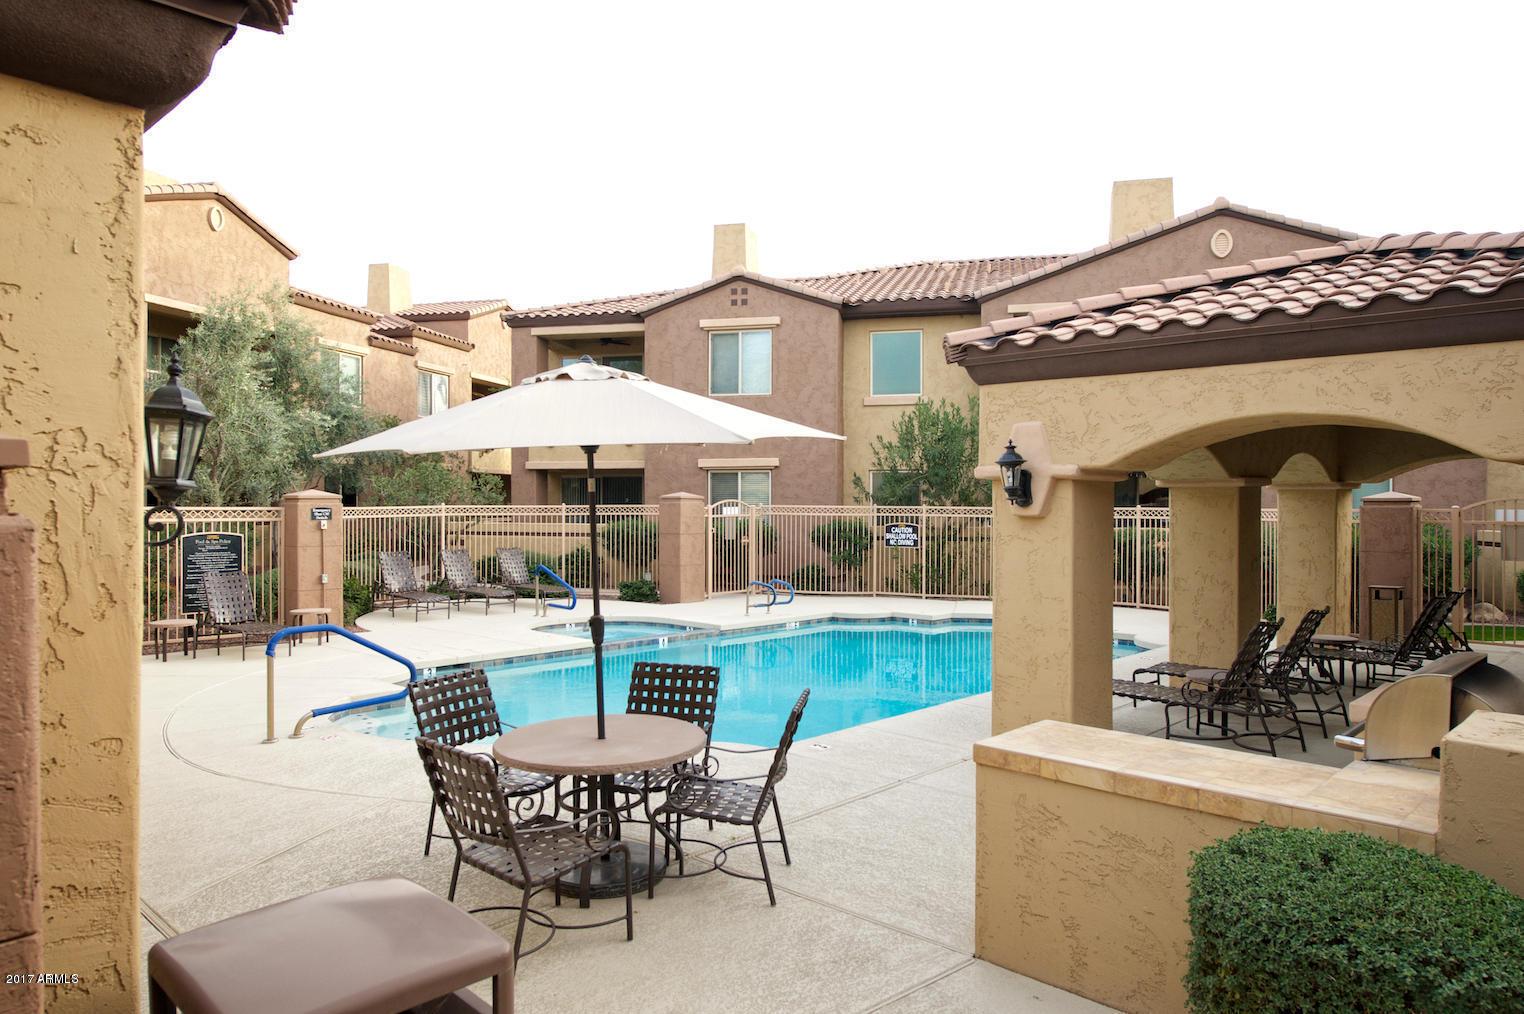 MLS 5830206 250 W QUEEN CREEK Road Unit 143, Chandler, AZ Carino Estates